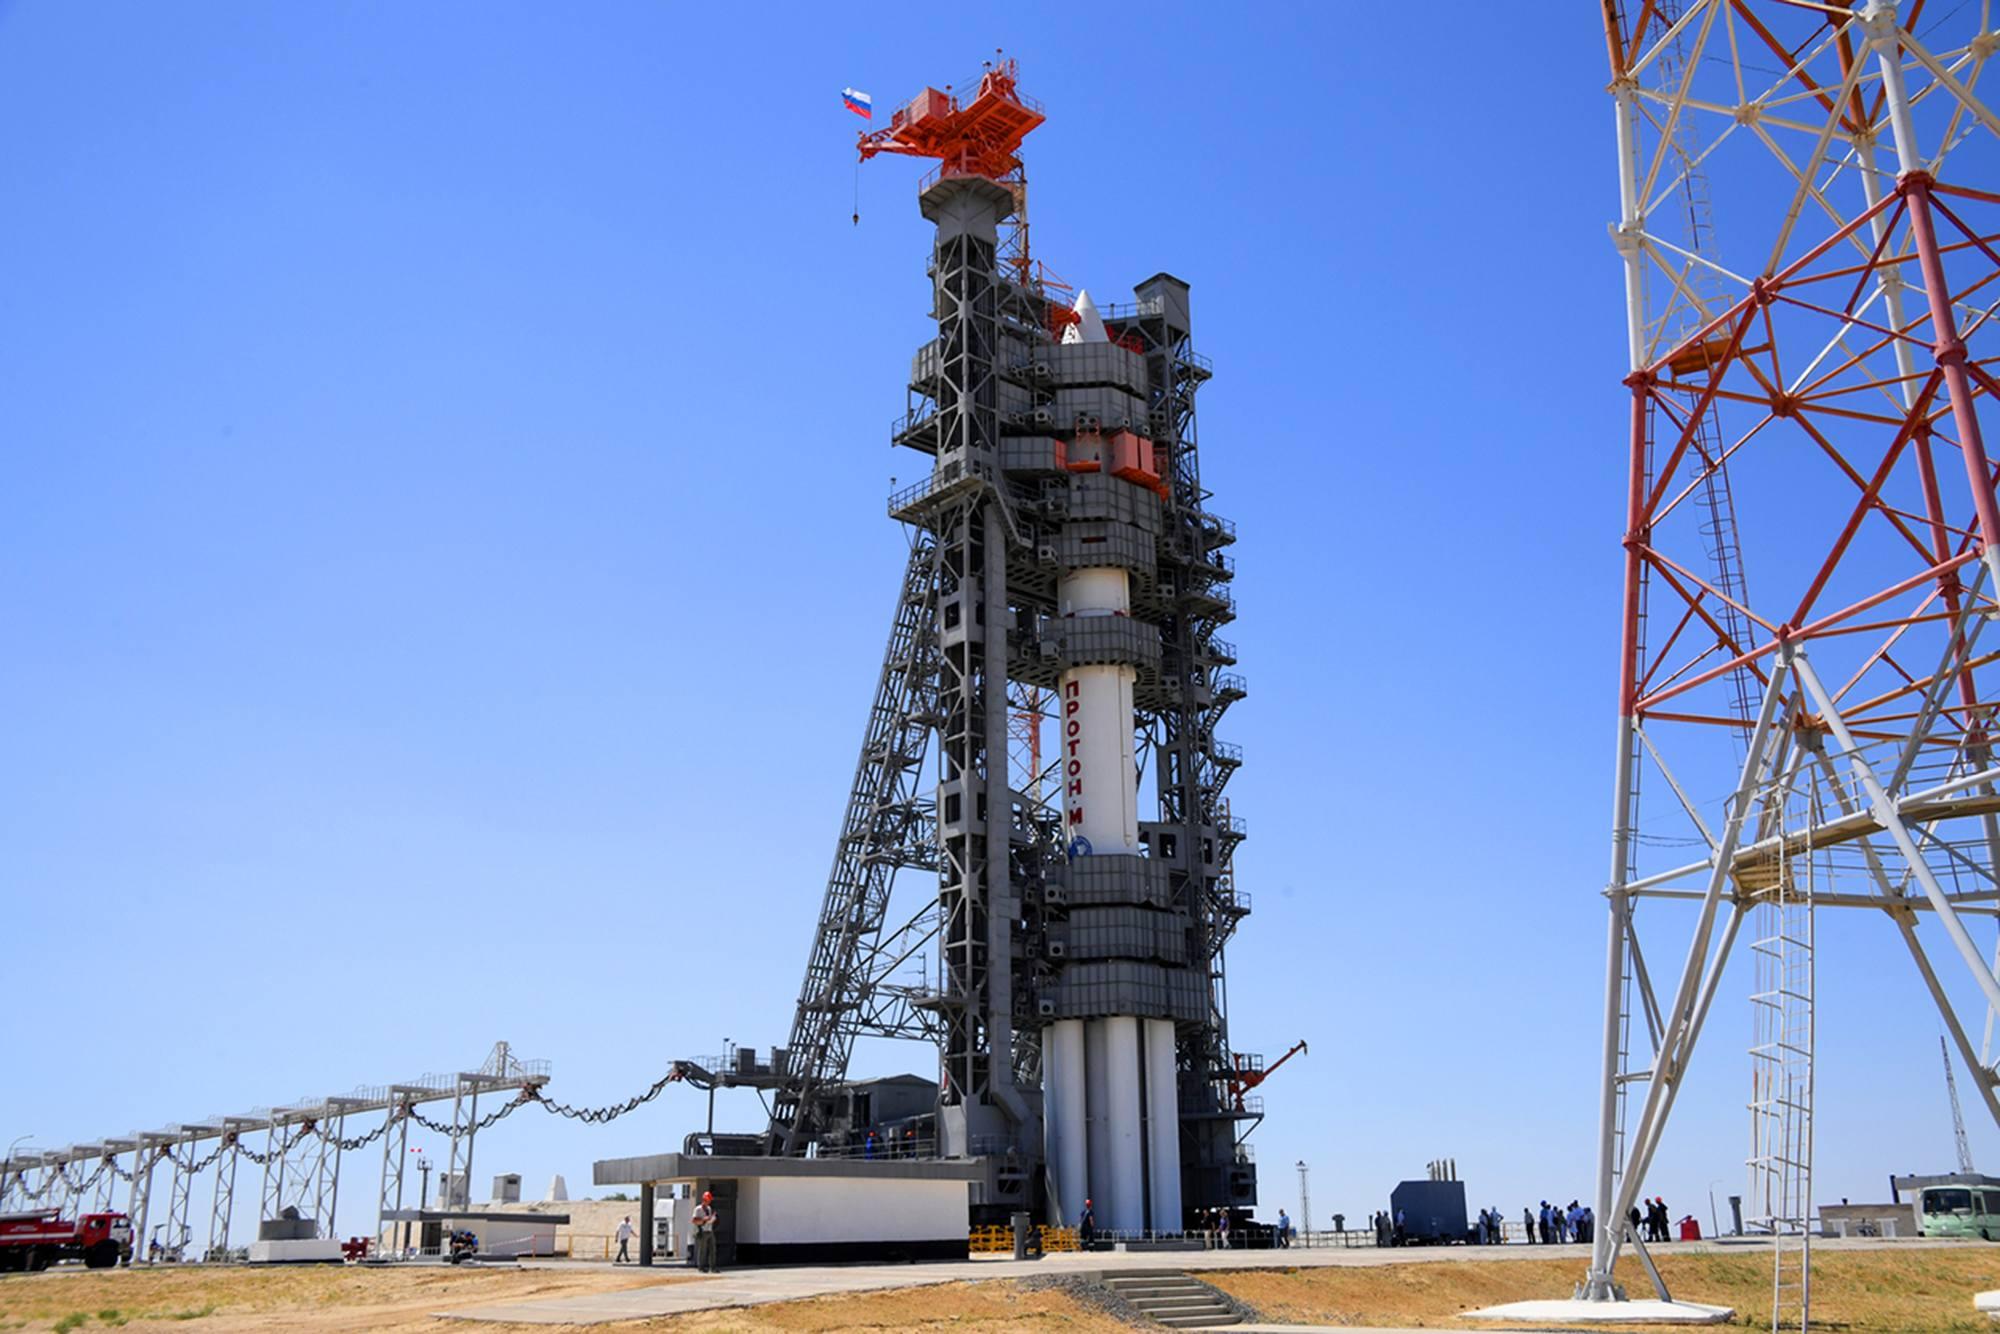 Le lanceur est prêt à subir plusieurs jours de tests avant le lancement.